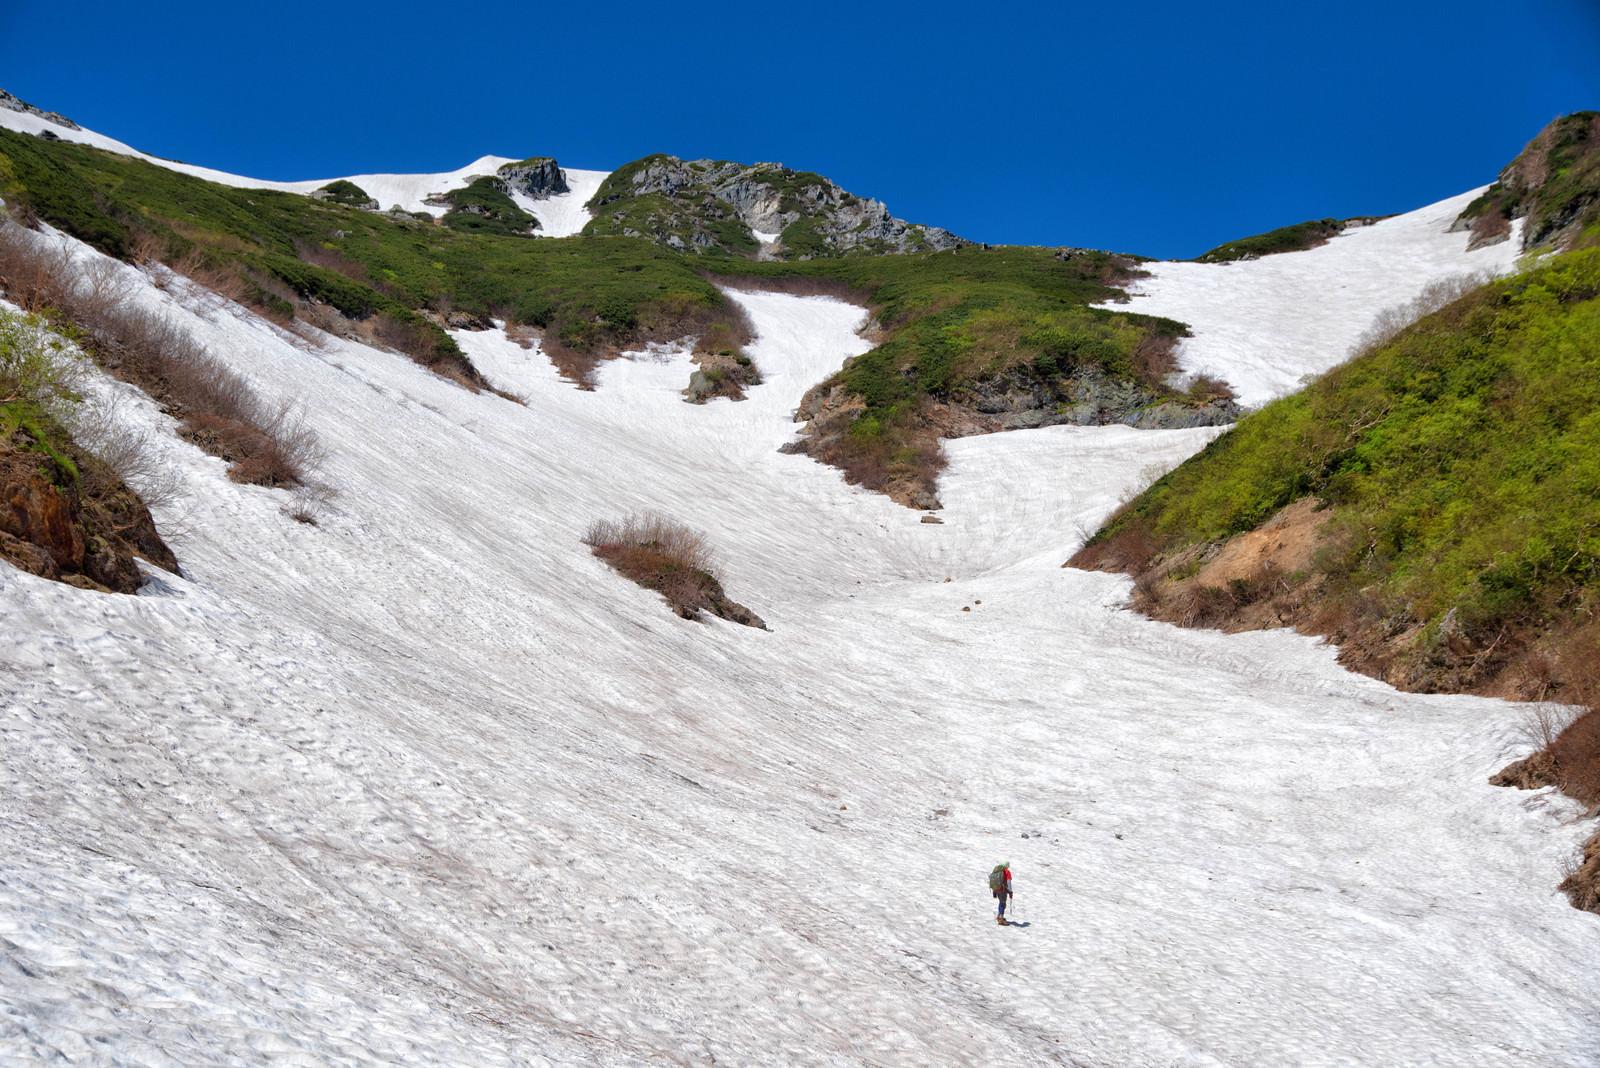 「針ノ木岳の雪渓に挑む登山者」の写真